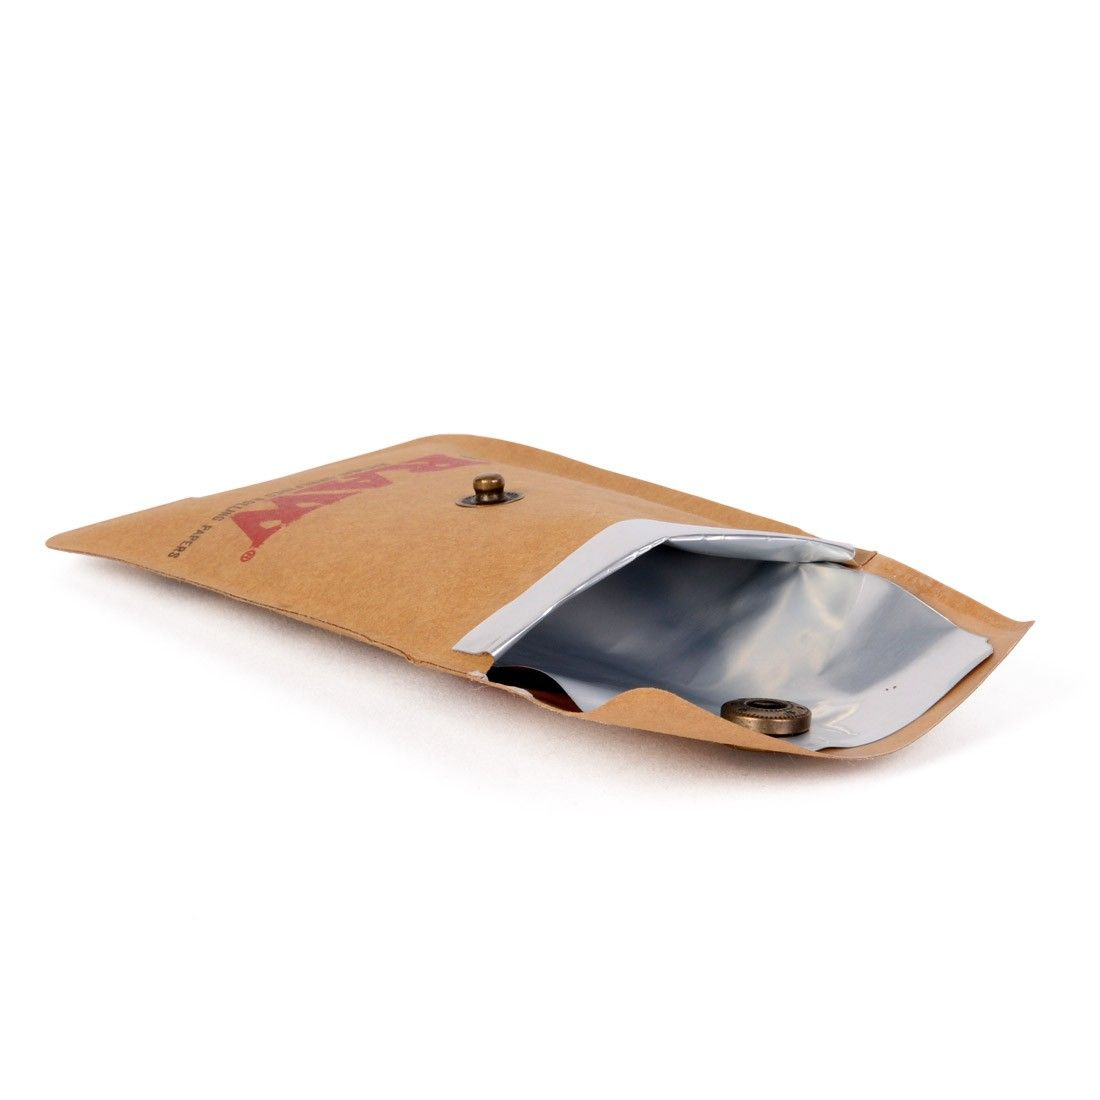 Super Cendrier de poche Raw, cendrier pochette pour mégots LS63